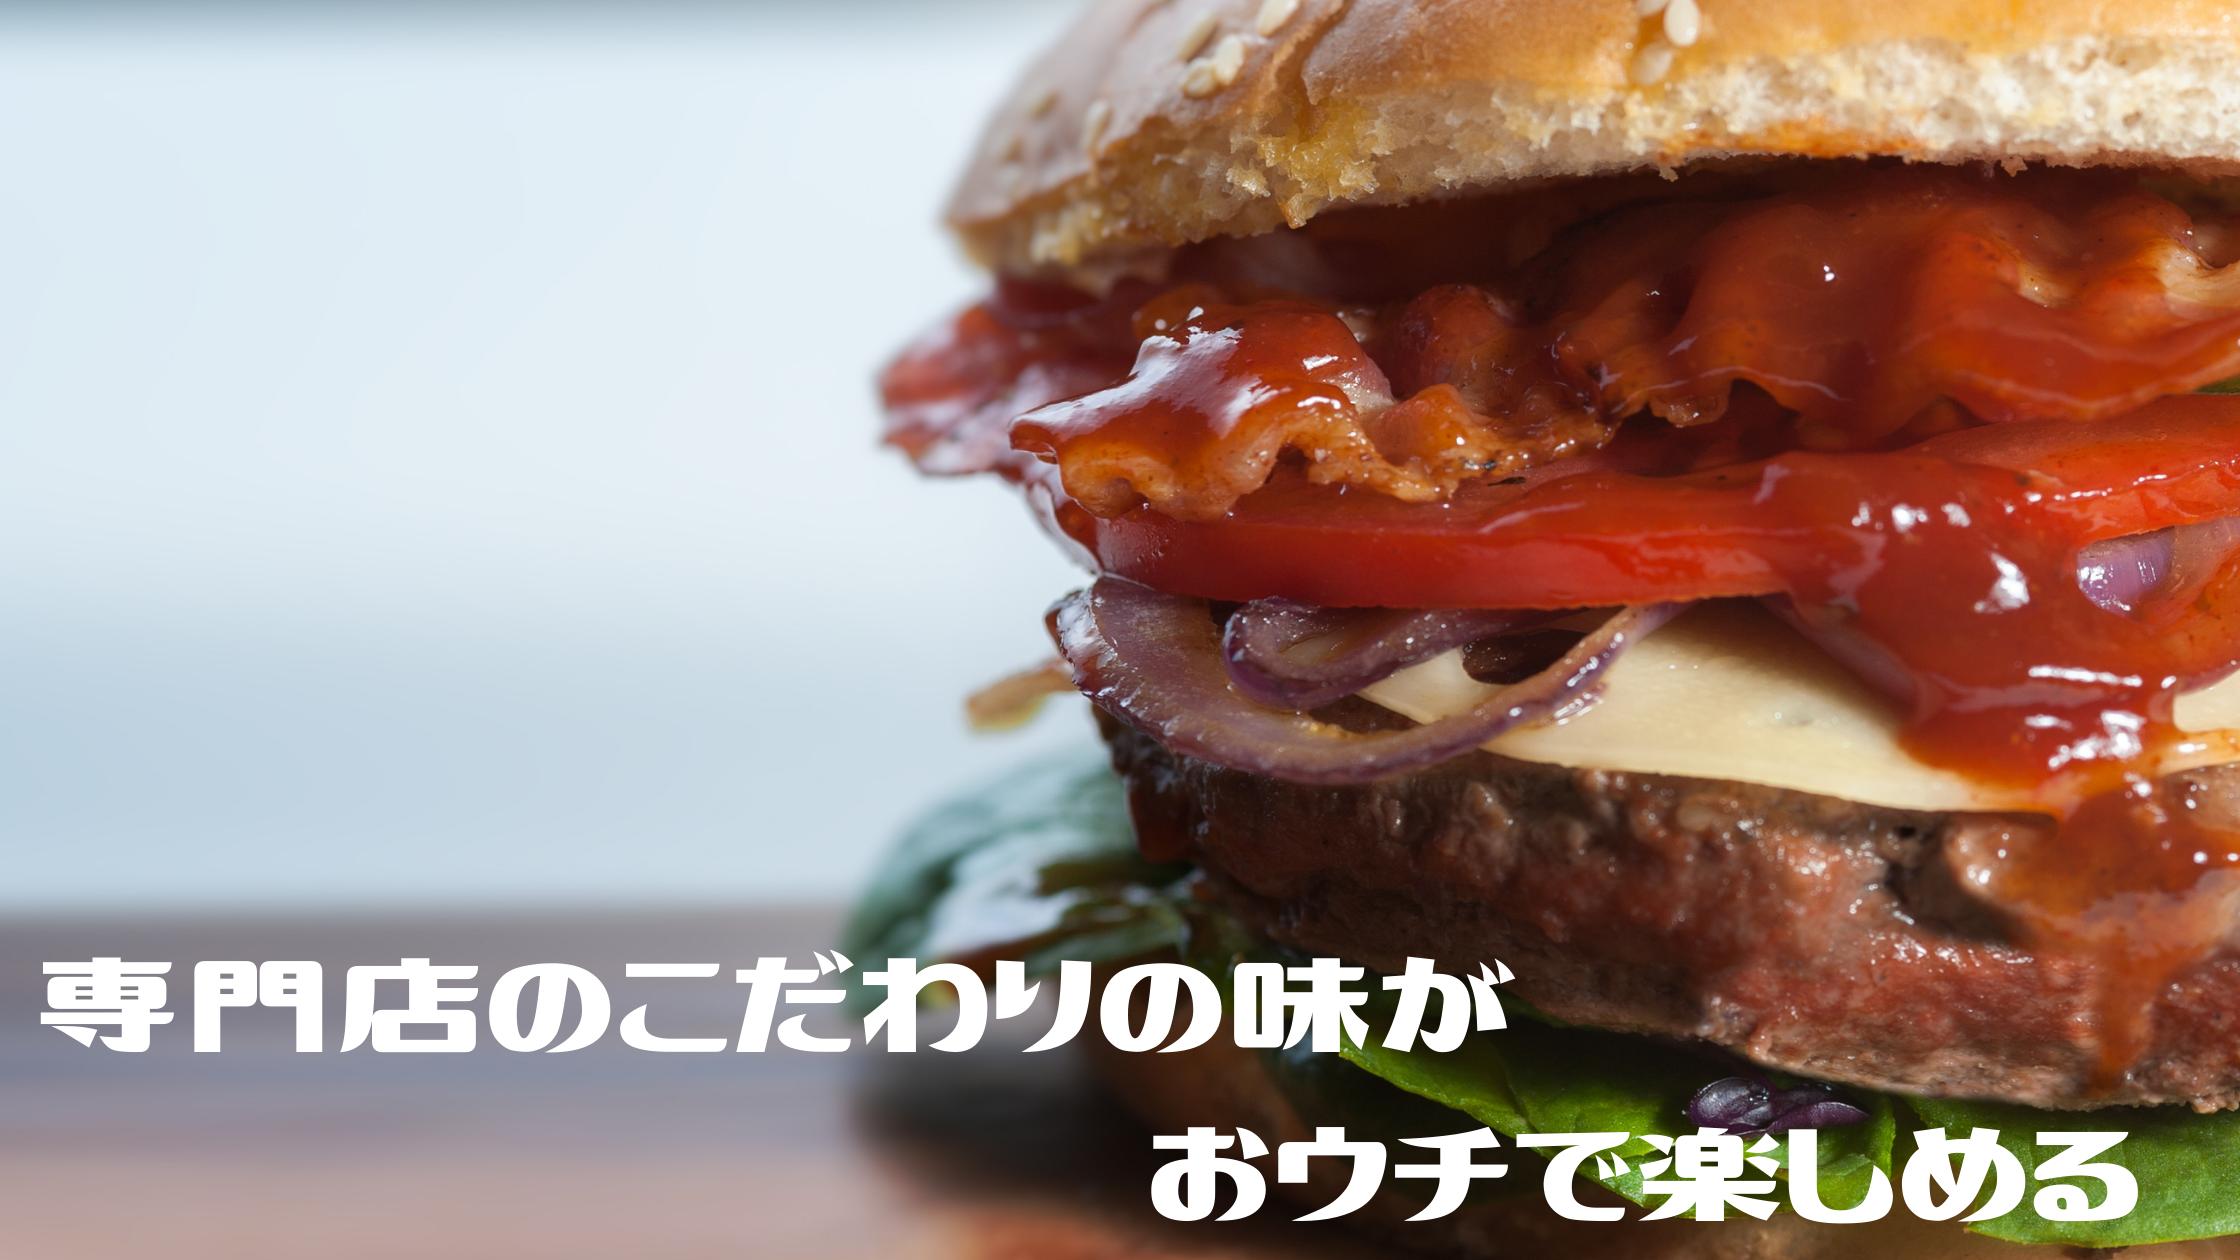 【every】おウチで専門店こだわりの味が楽しめる『鳥幸のこだわりの味』『ハワイのハンバーガー』『チョーヤの梅シロップ』